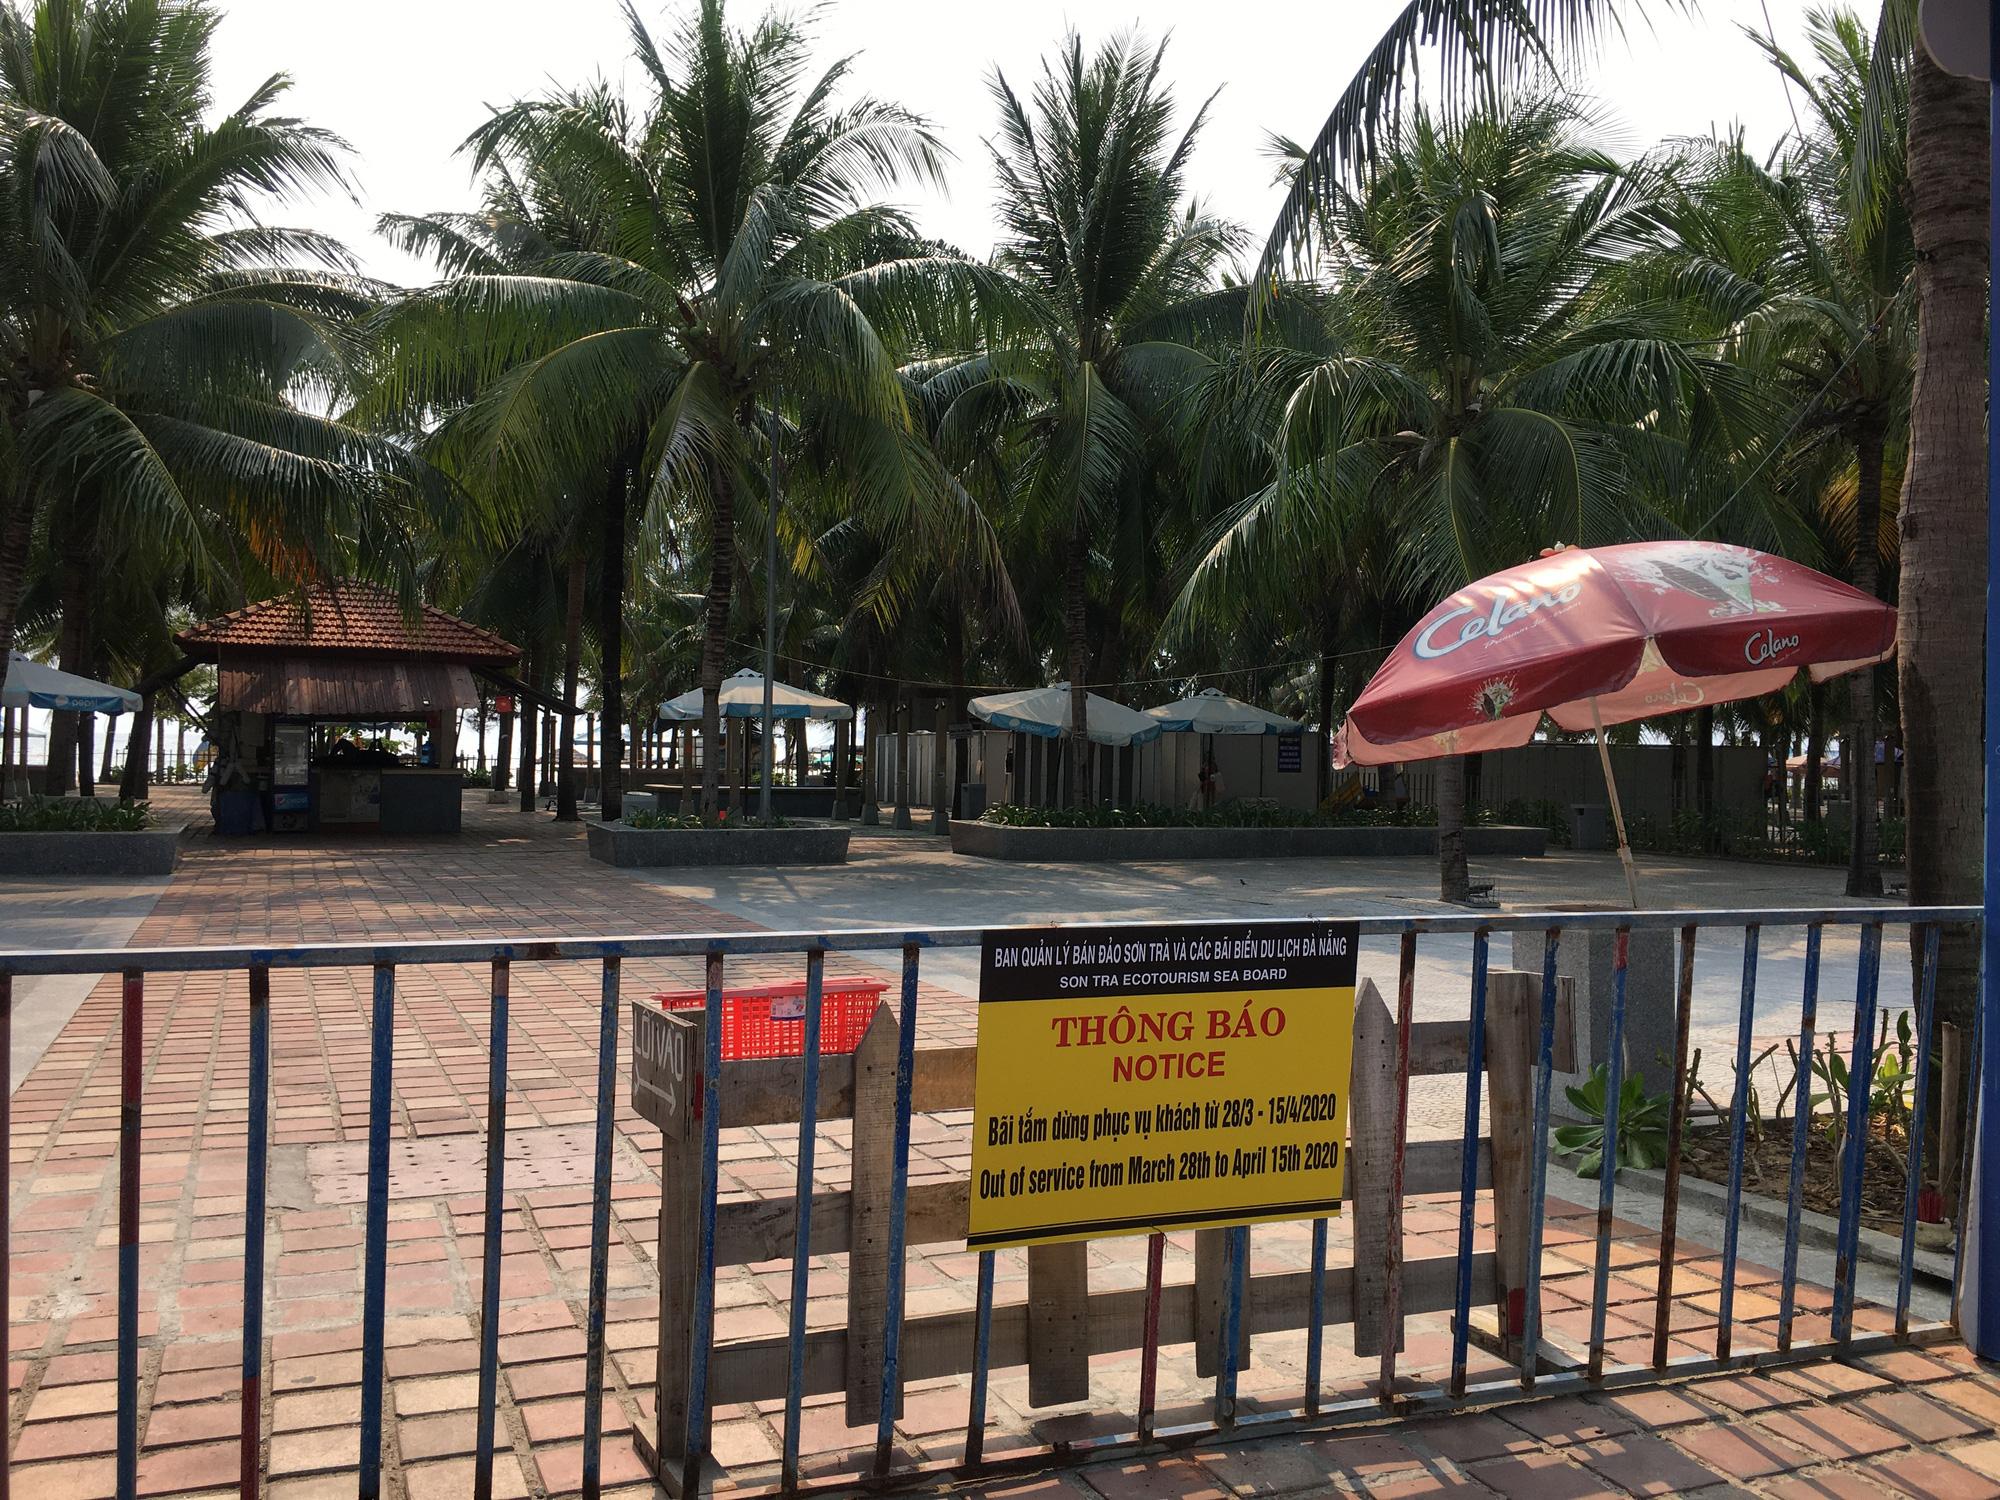 Ven biển Đà Nẵng bị rào chắn hơn 1km, các dịch vụ ngừng hoạt động hàng loạt để phòng dịch Covid-19 - Ảnh 5.